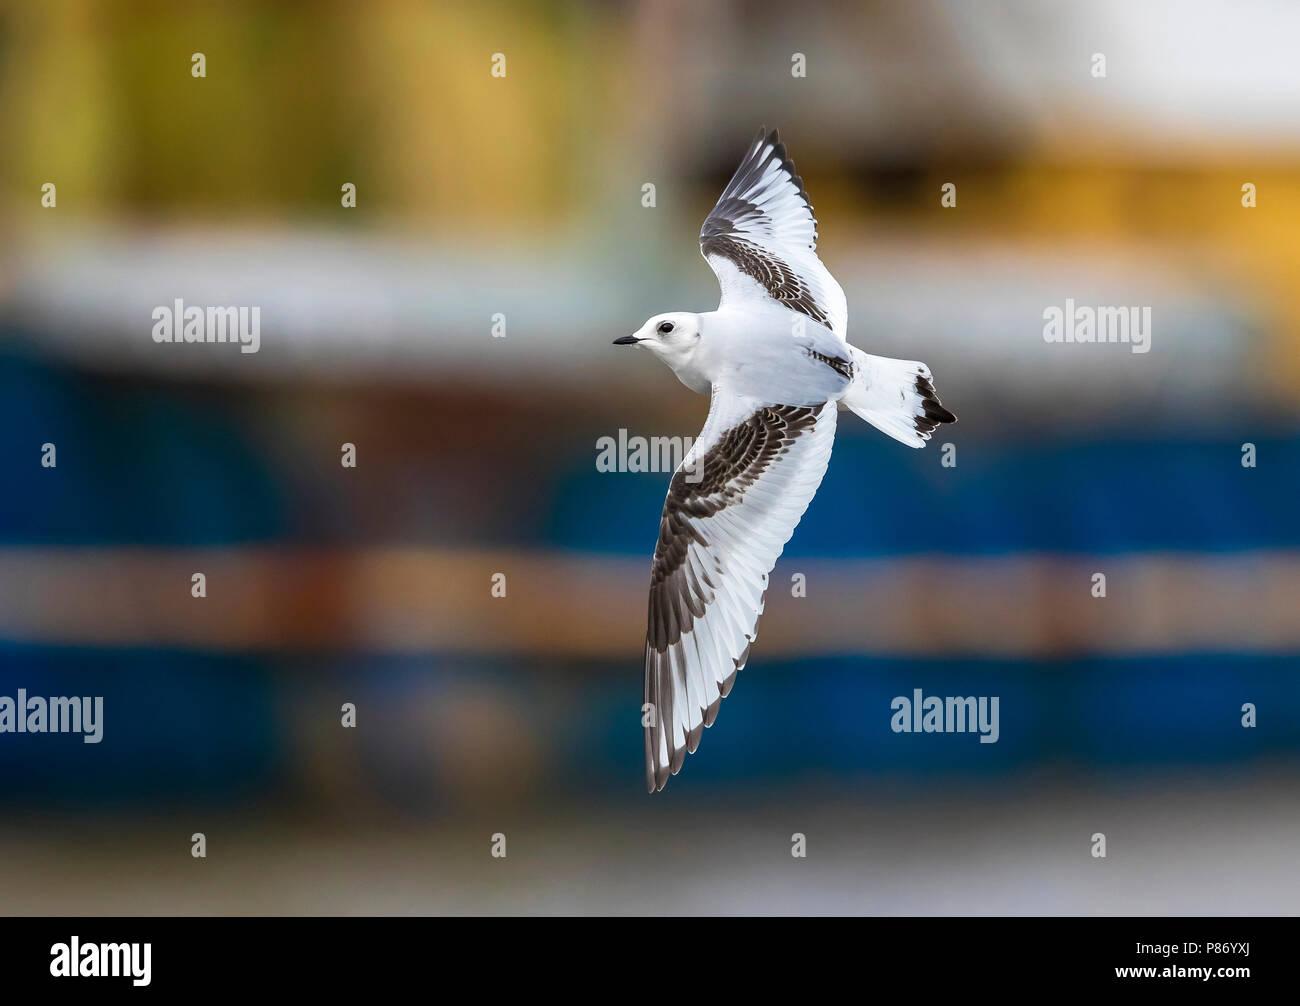 1st winter Ross's Gull flying over Vlissingen, Zeeland, The Netherlands. January 28, 2018. - Stock Image